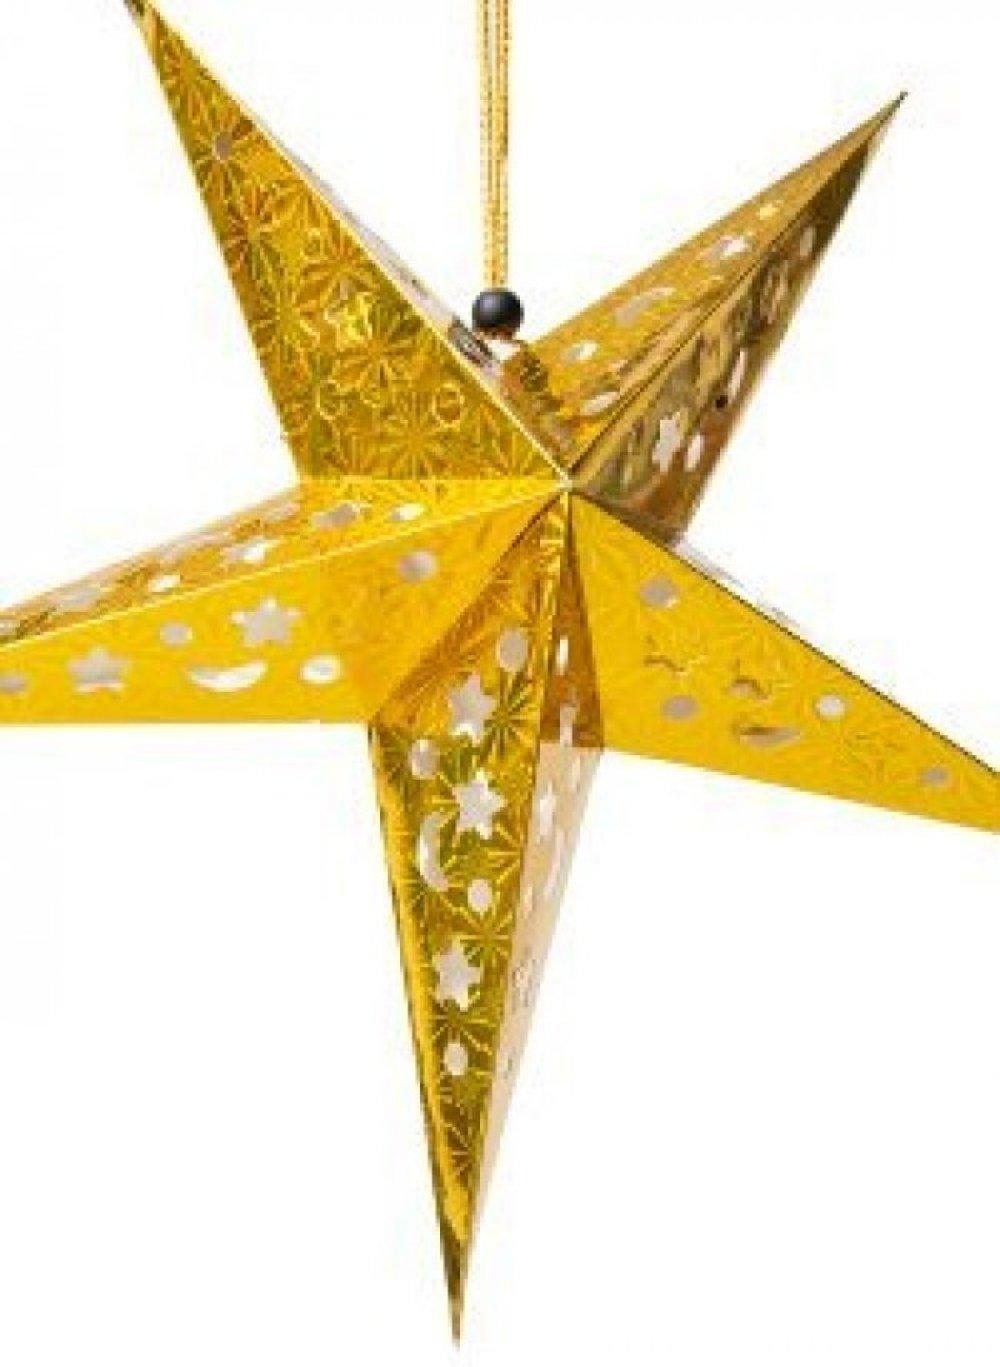 【選べる5個セット】星型ランプデコレーション - 直径:約55cm 8 - 明るい室内に吊るすだけでも楽しくなるデザインです